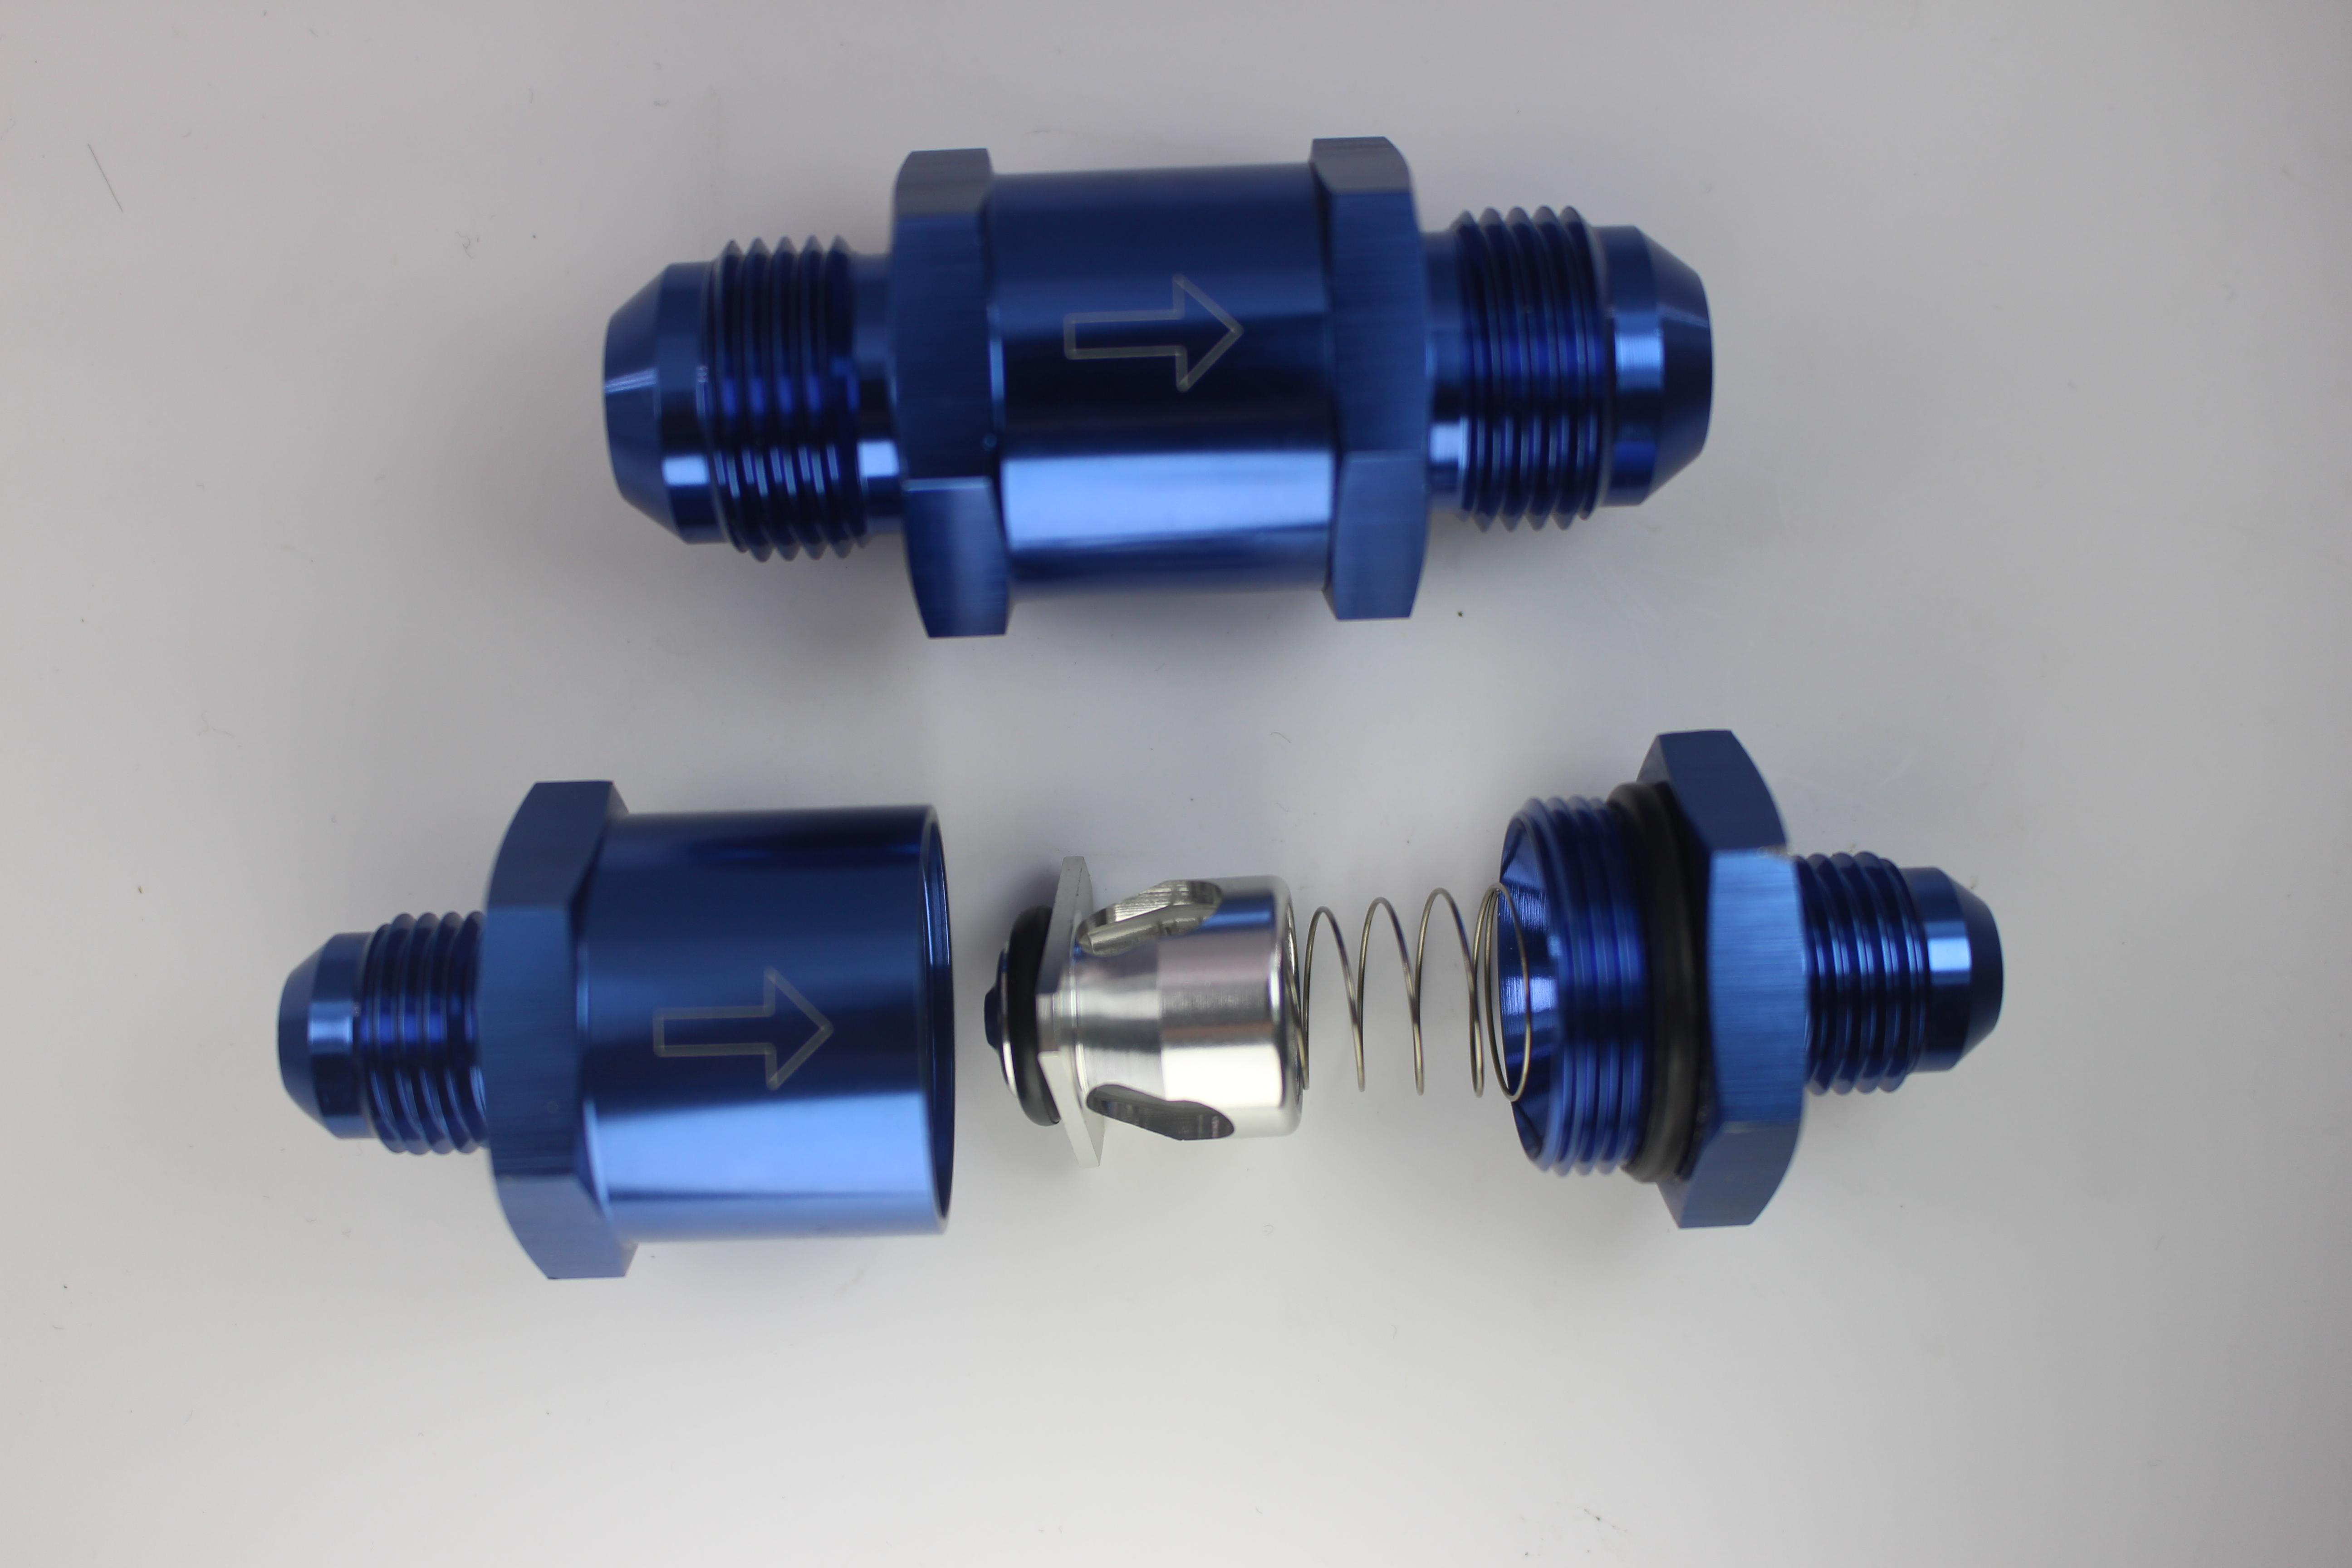 Изготовленный На Заказ Алюминиевый Топливный шланг, фитинг трубы, штуцер, заготовка топливного фильтра с соответствующей блистерной коробкой